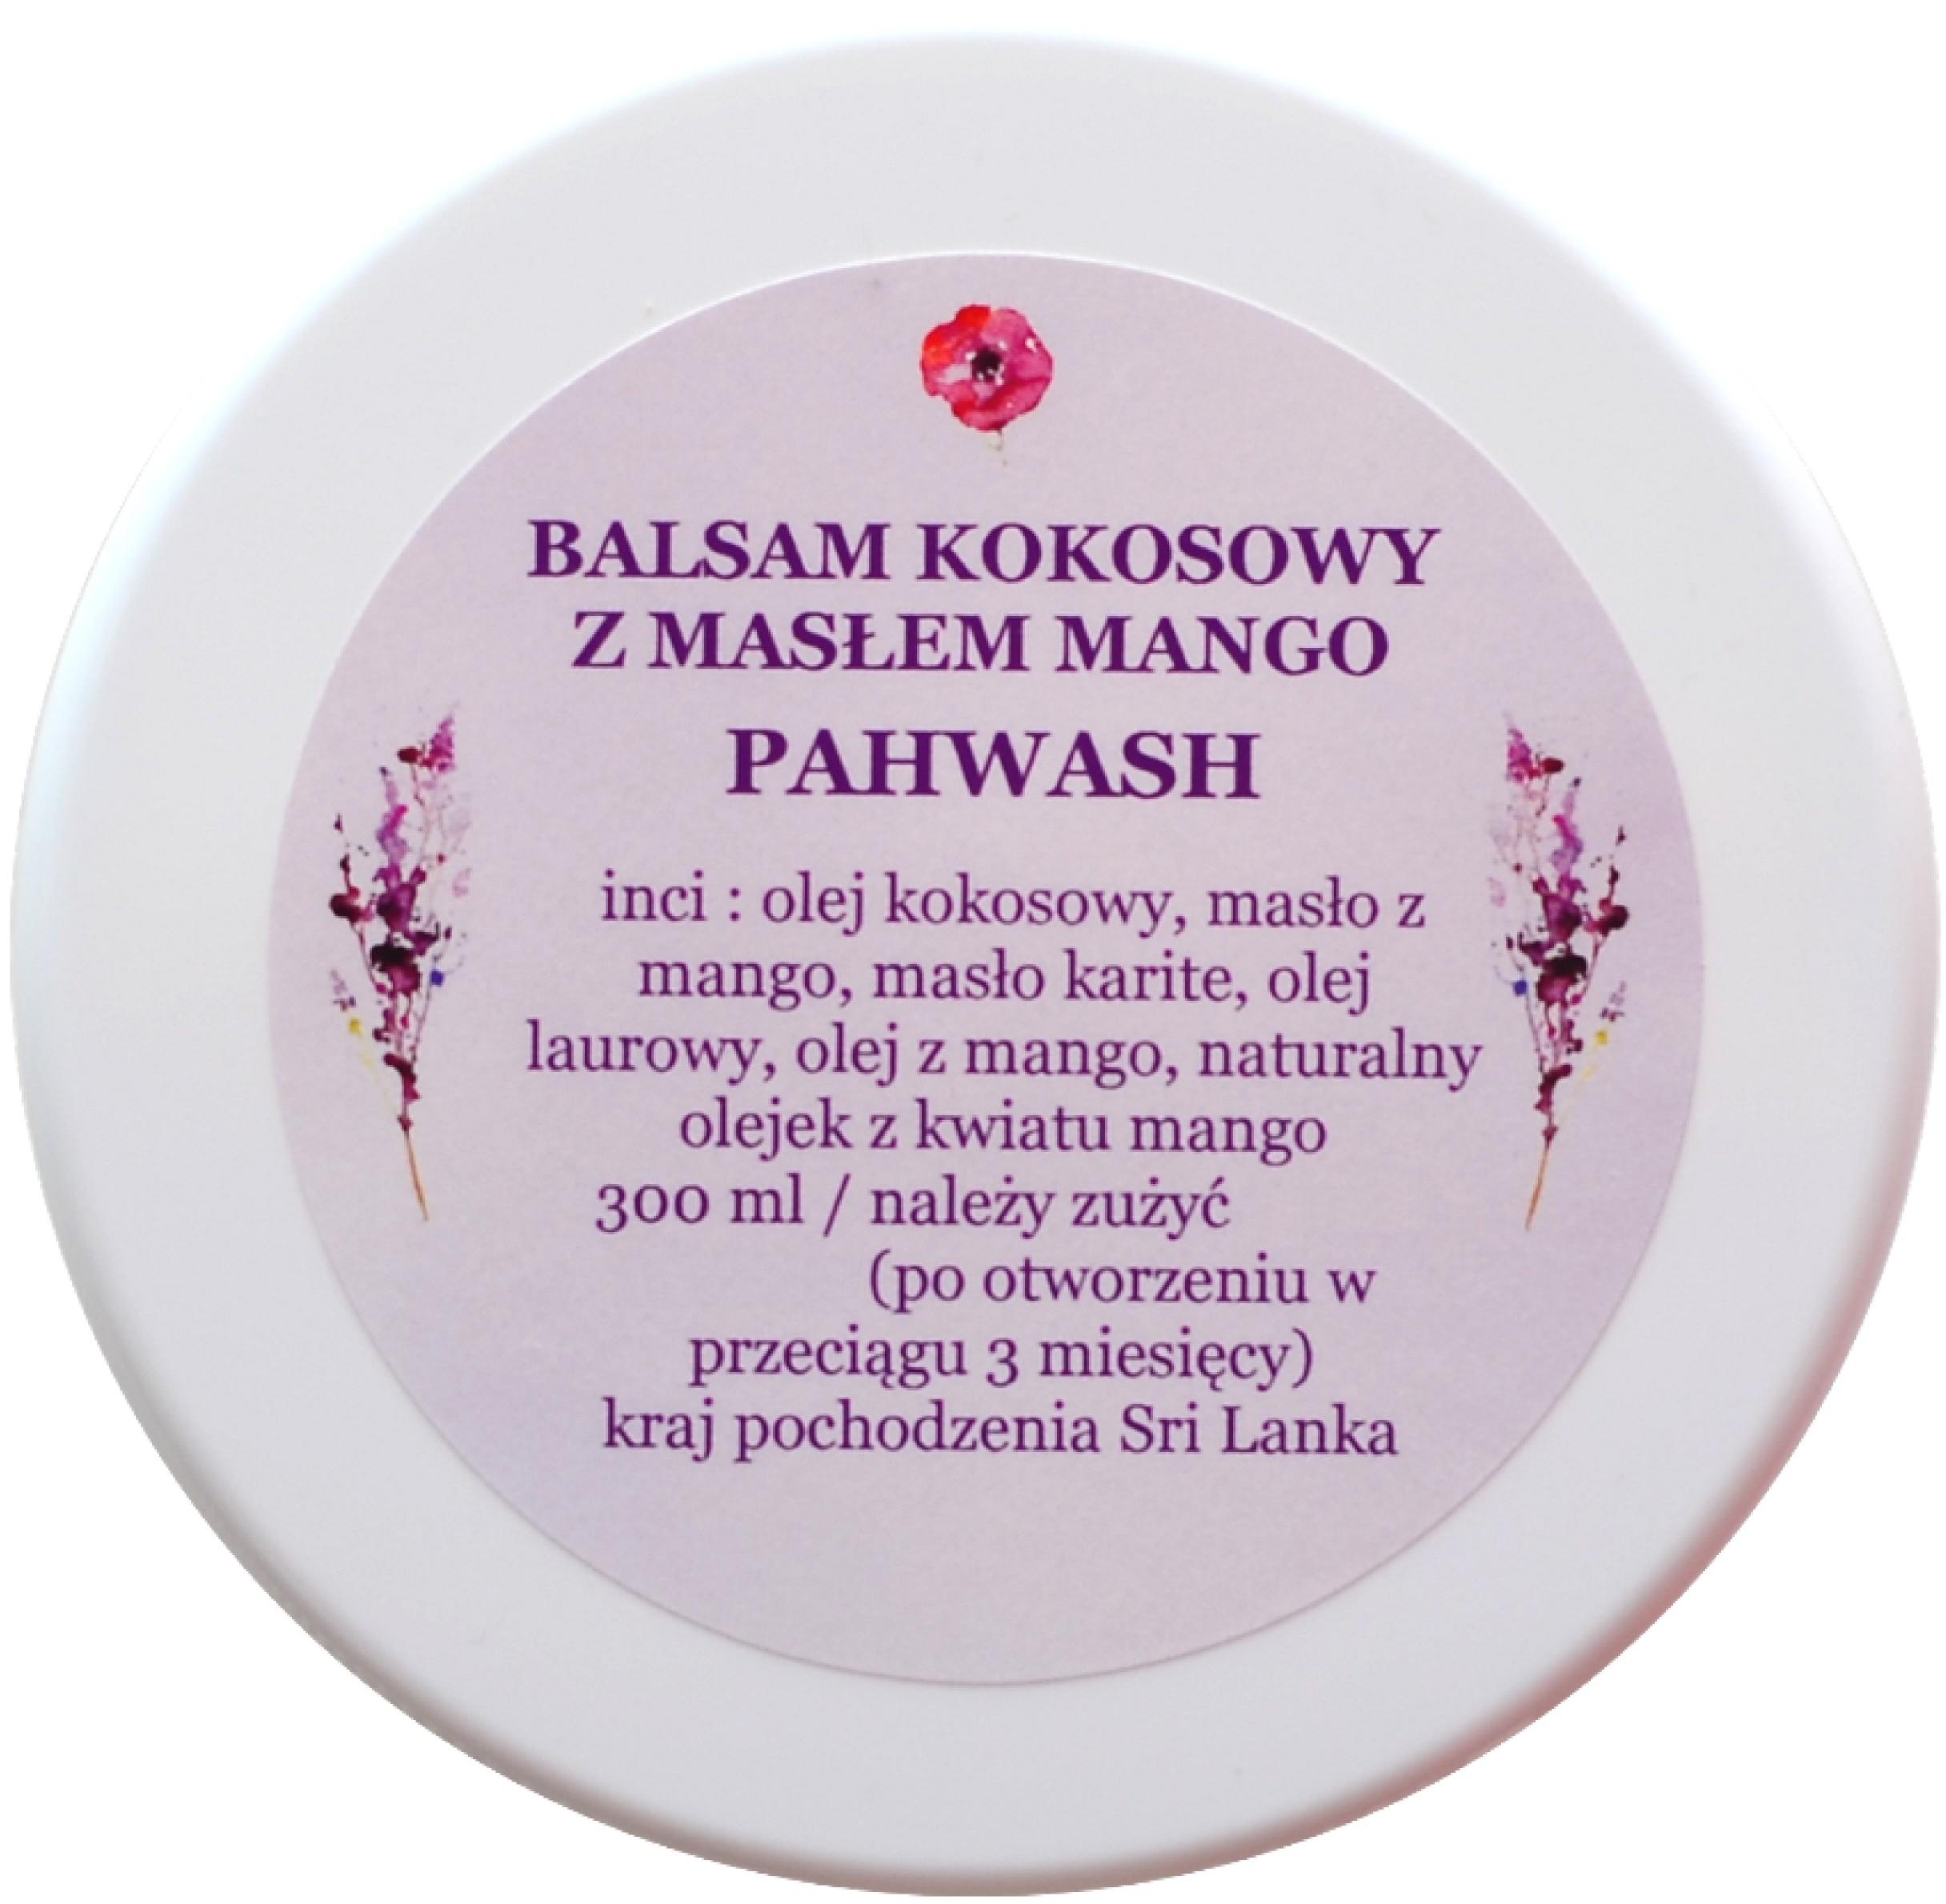 Mango Balsam kokosowy Pahwash z masłem 300ml